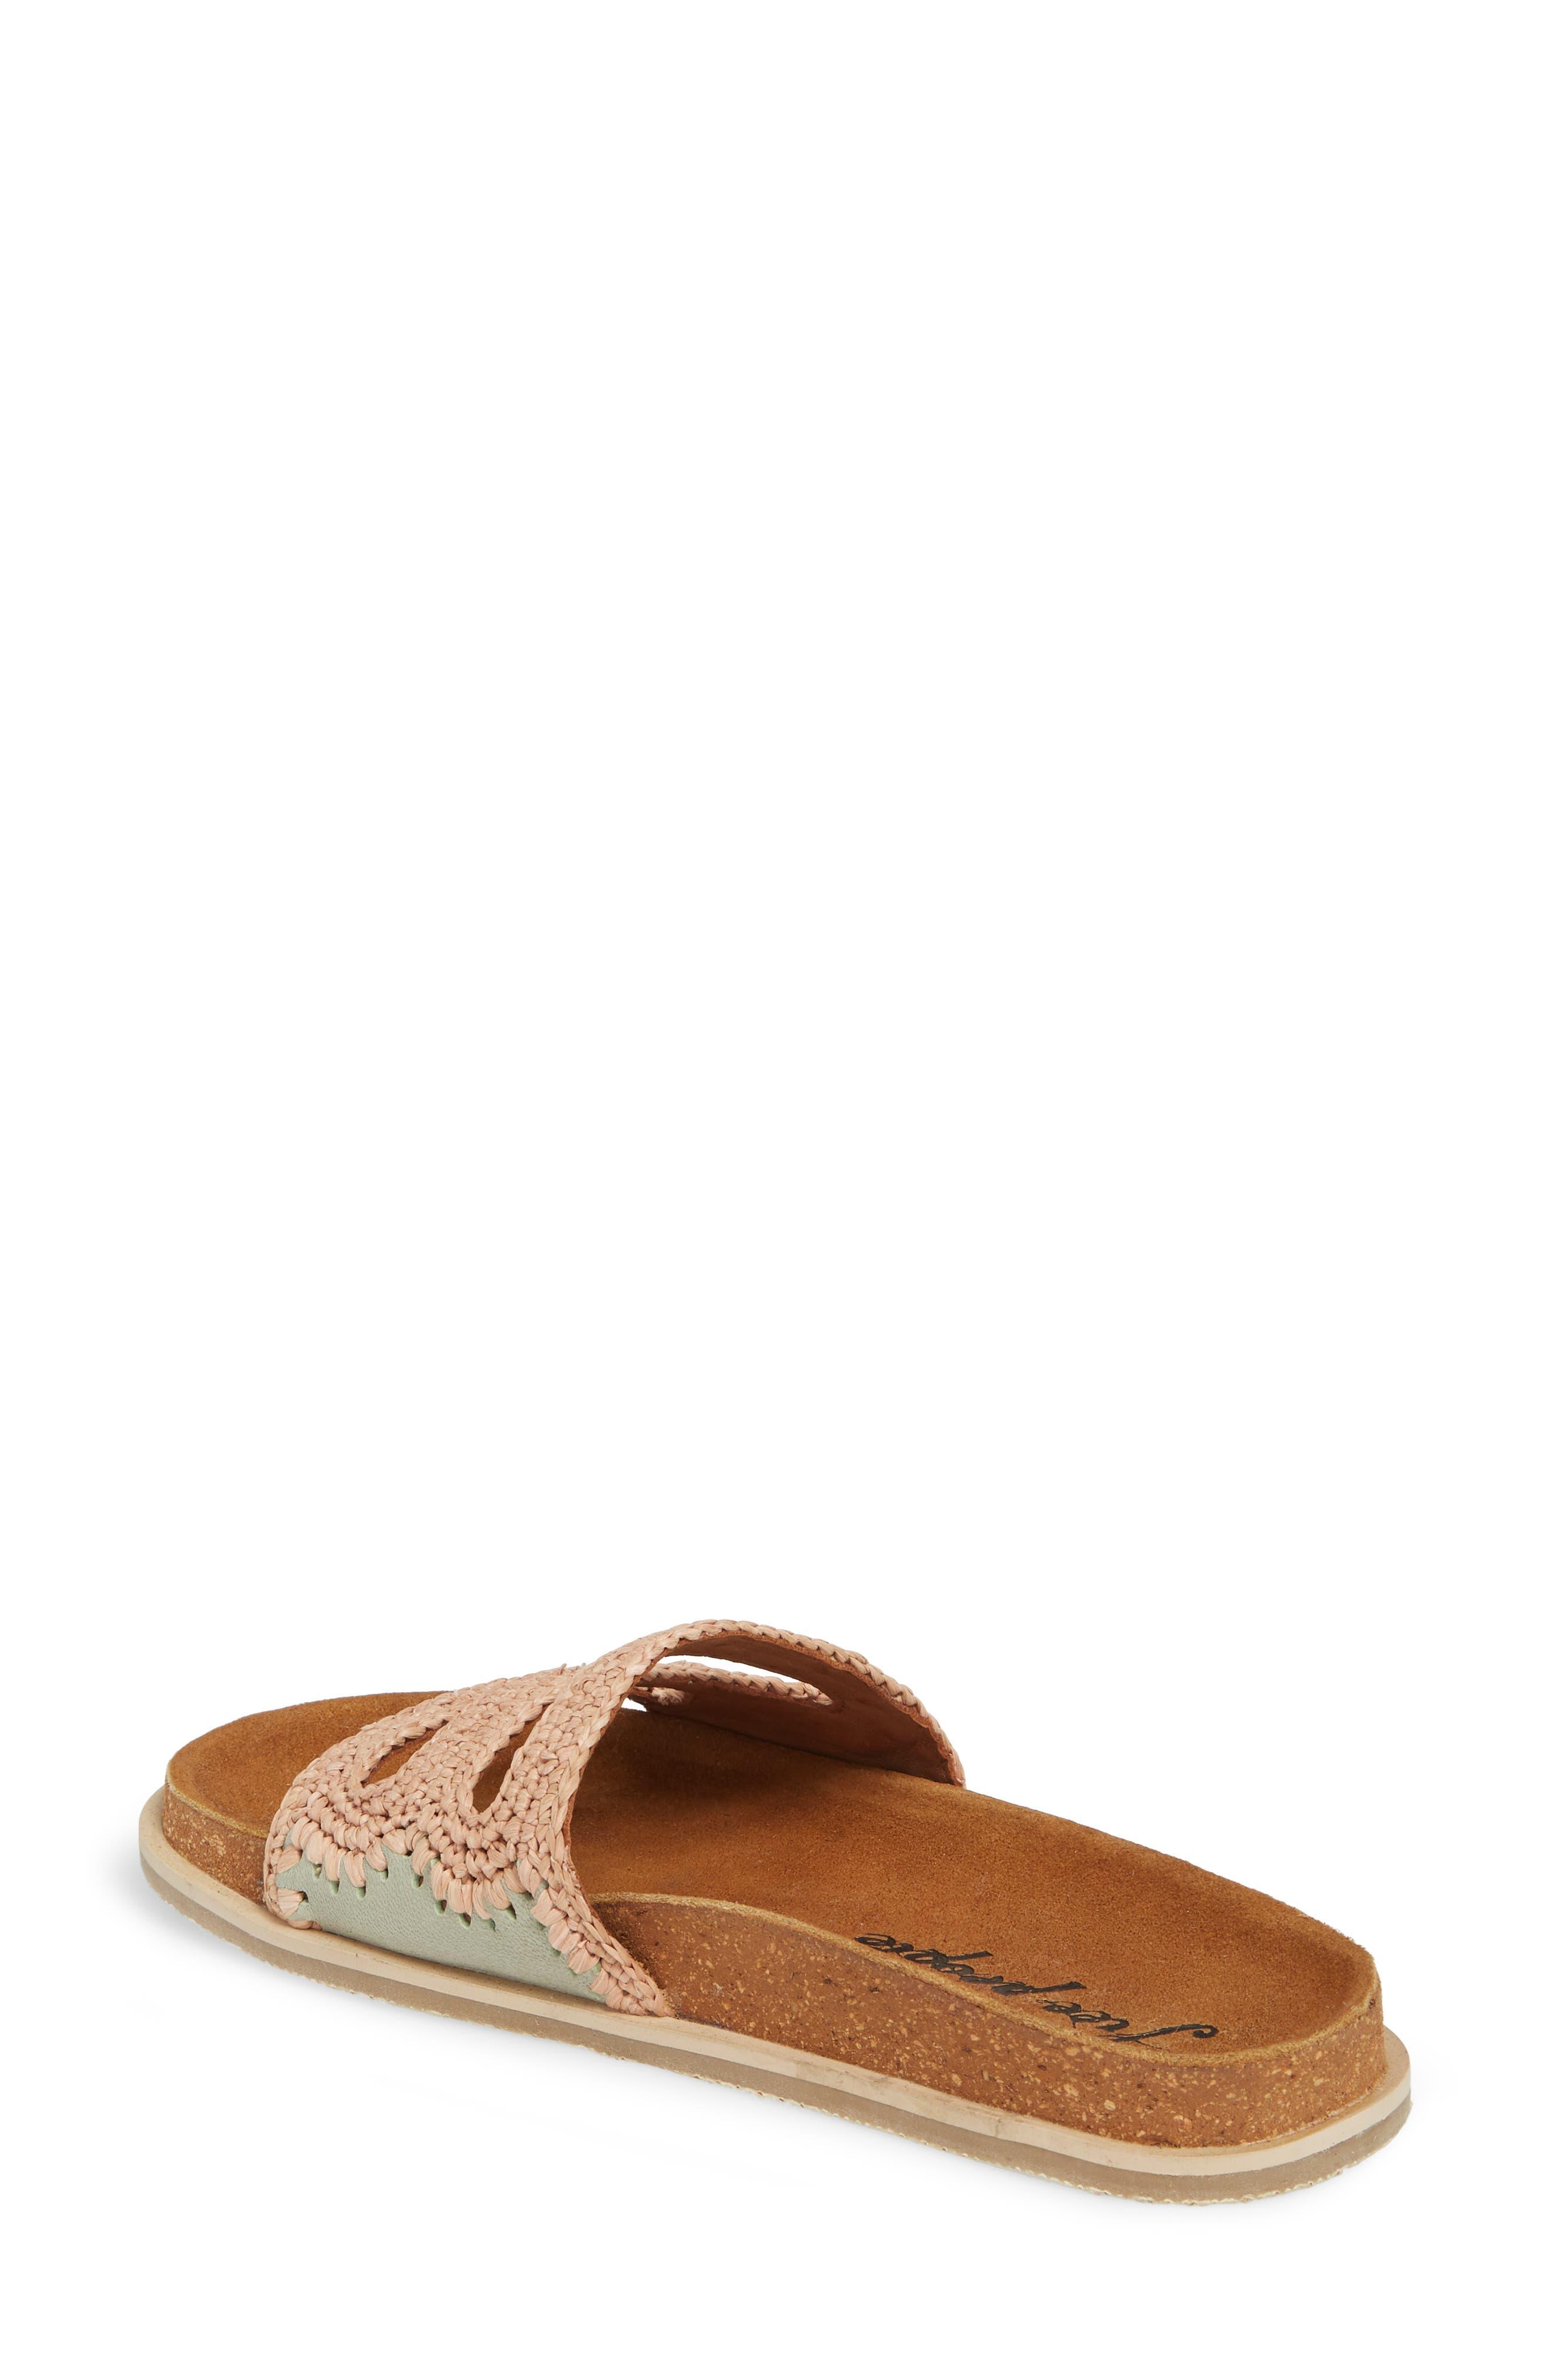 Crete Slide Sandal,                             Alternate thumbnail 4, color,